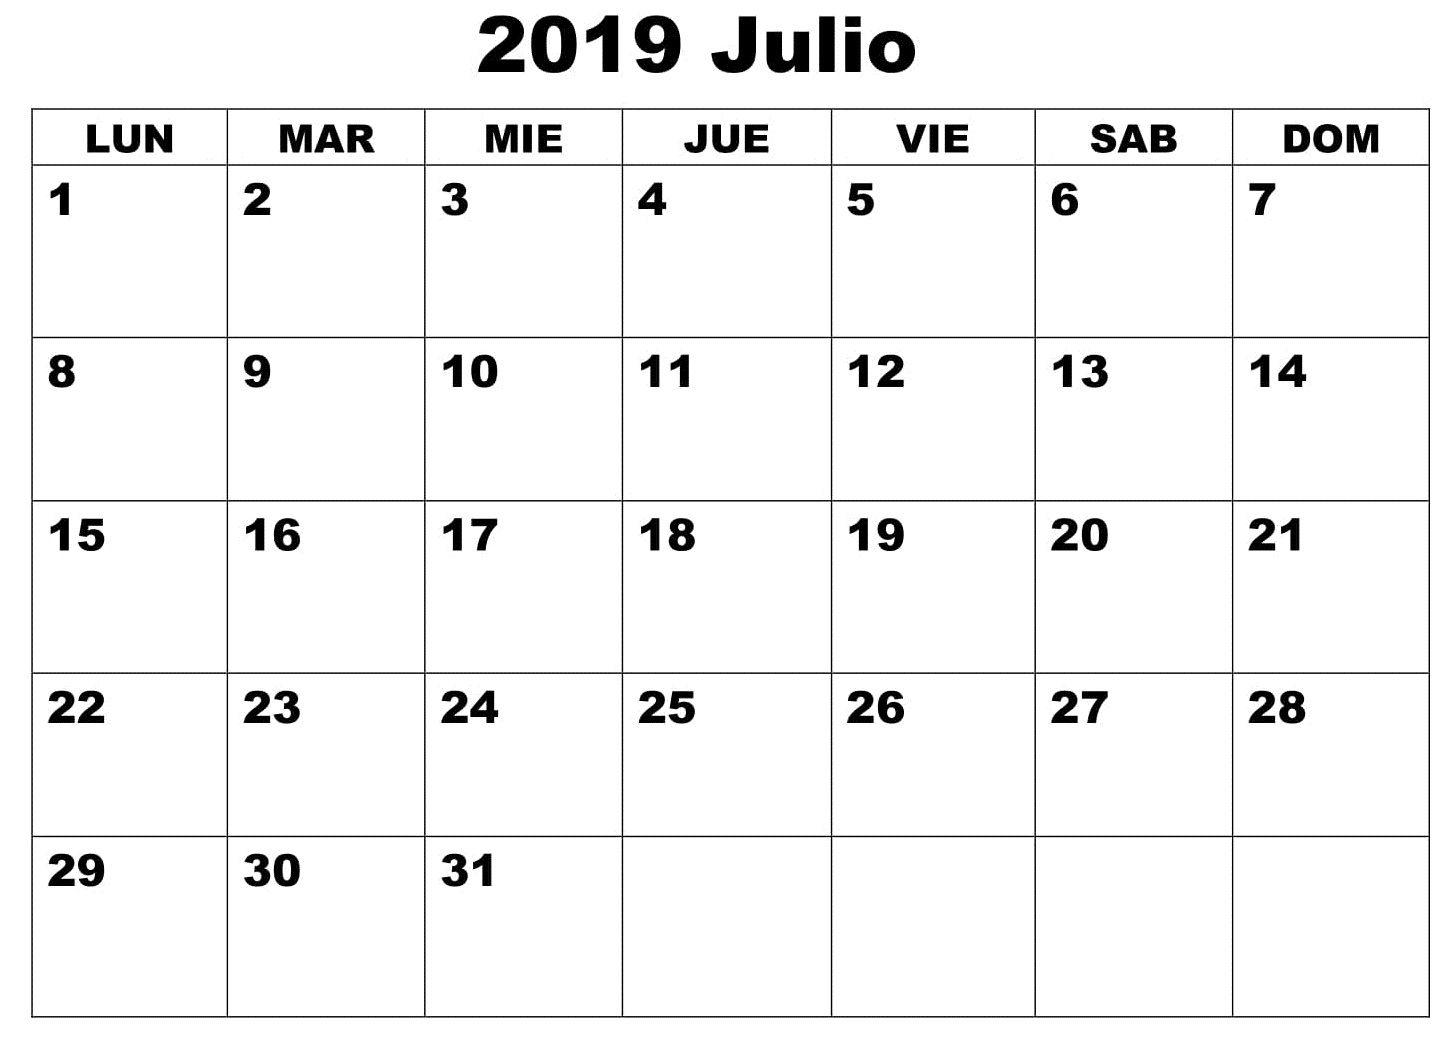 Mes De Julio Calendario.Julio Calendario Mes 2019 Calendario Julio 2019